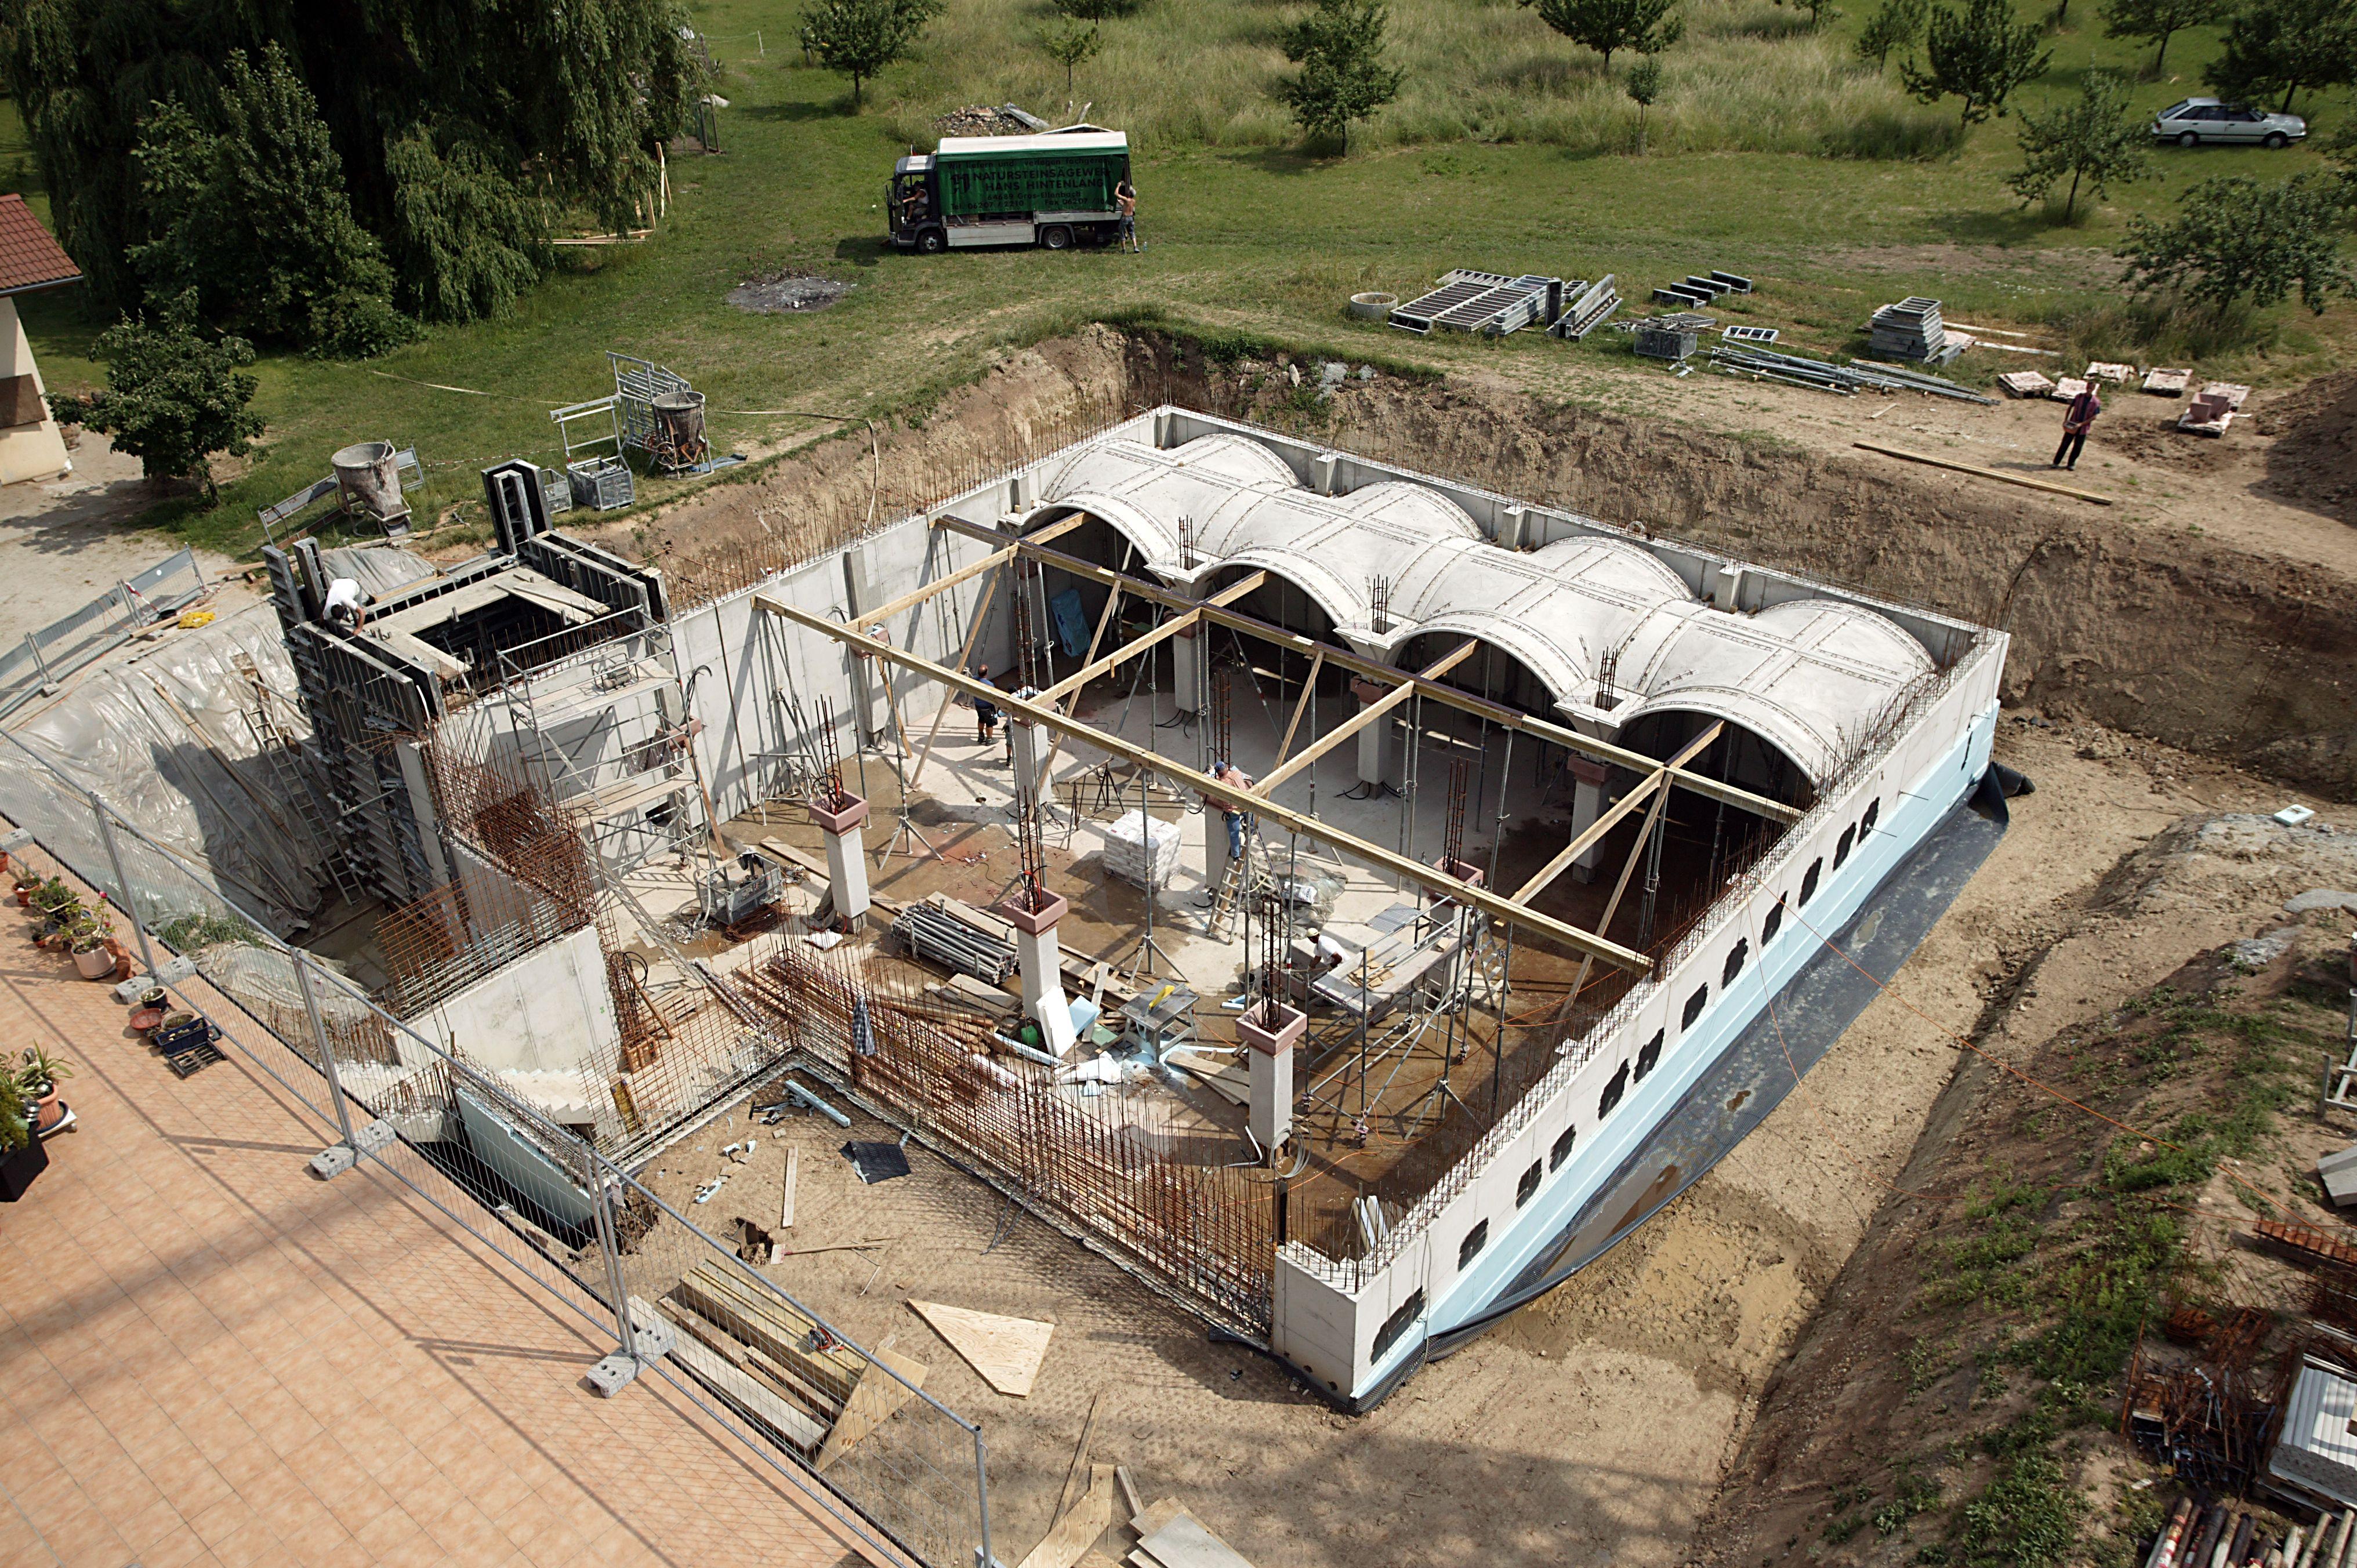 Gewolbekeller Oder Weinkeller Bauen Mit Beton Fertigteilen Gewolbe